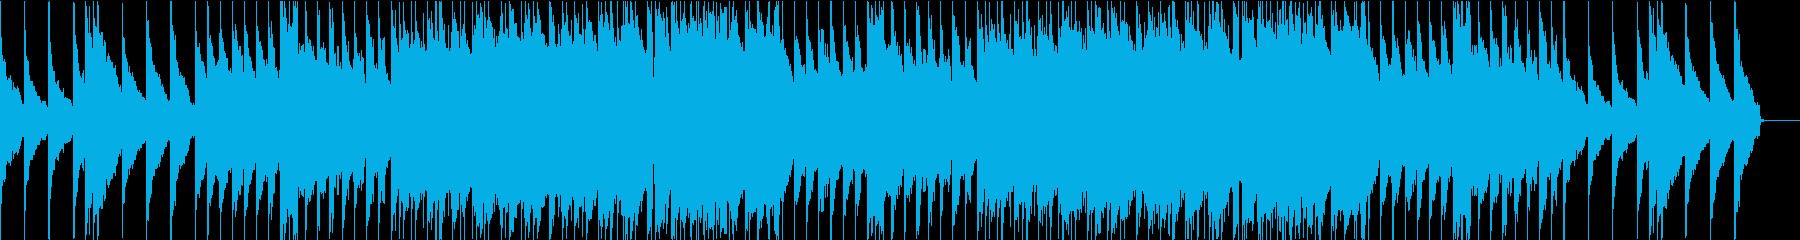 結婚式・感動・R&Bバラード・ピアノソロの再生済みの波形